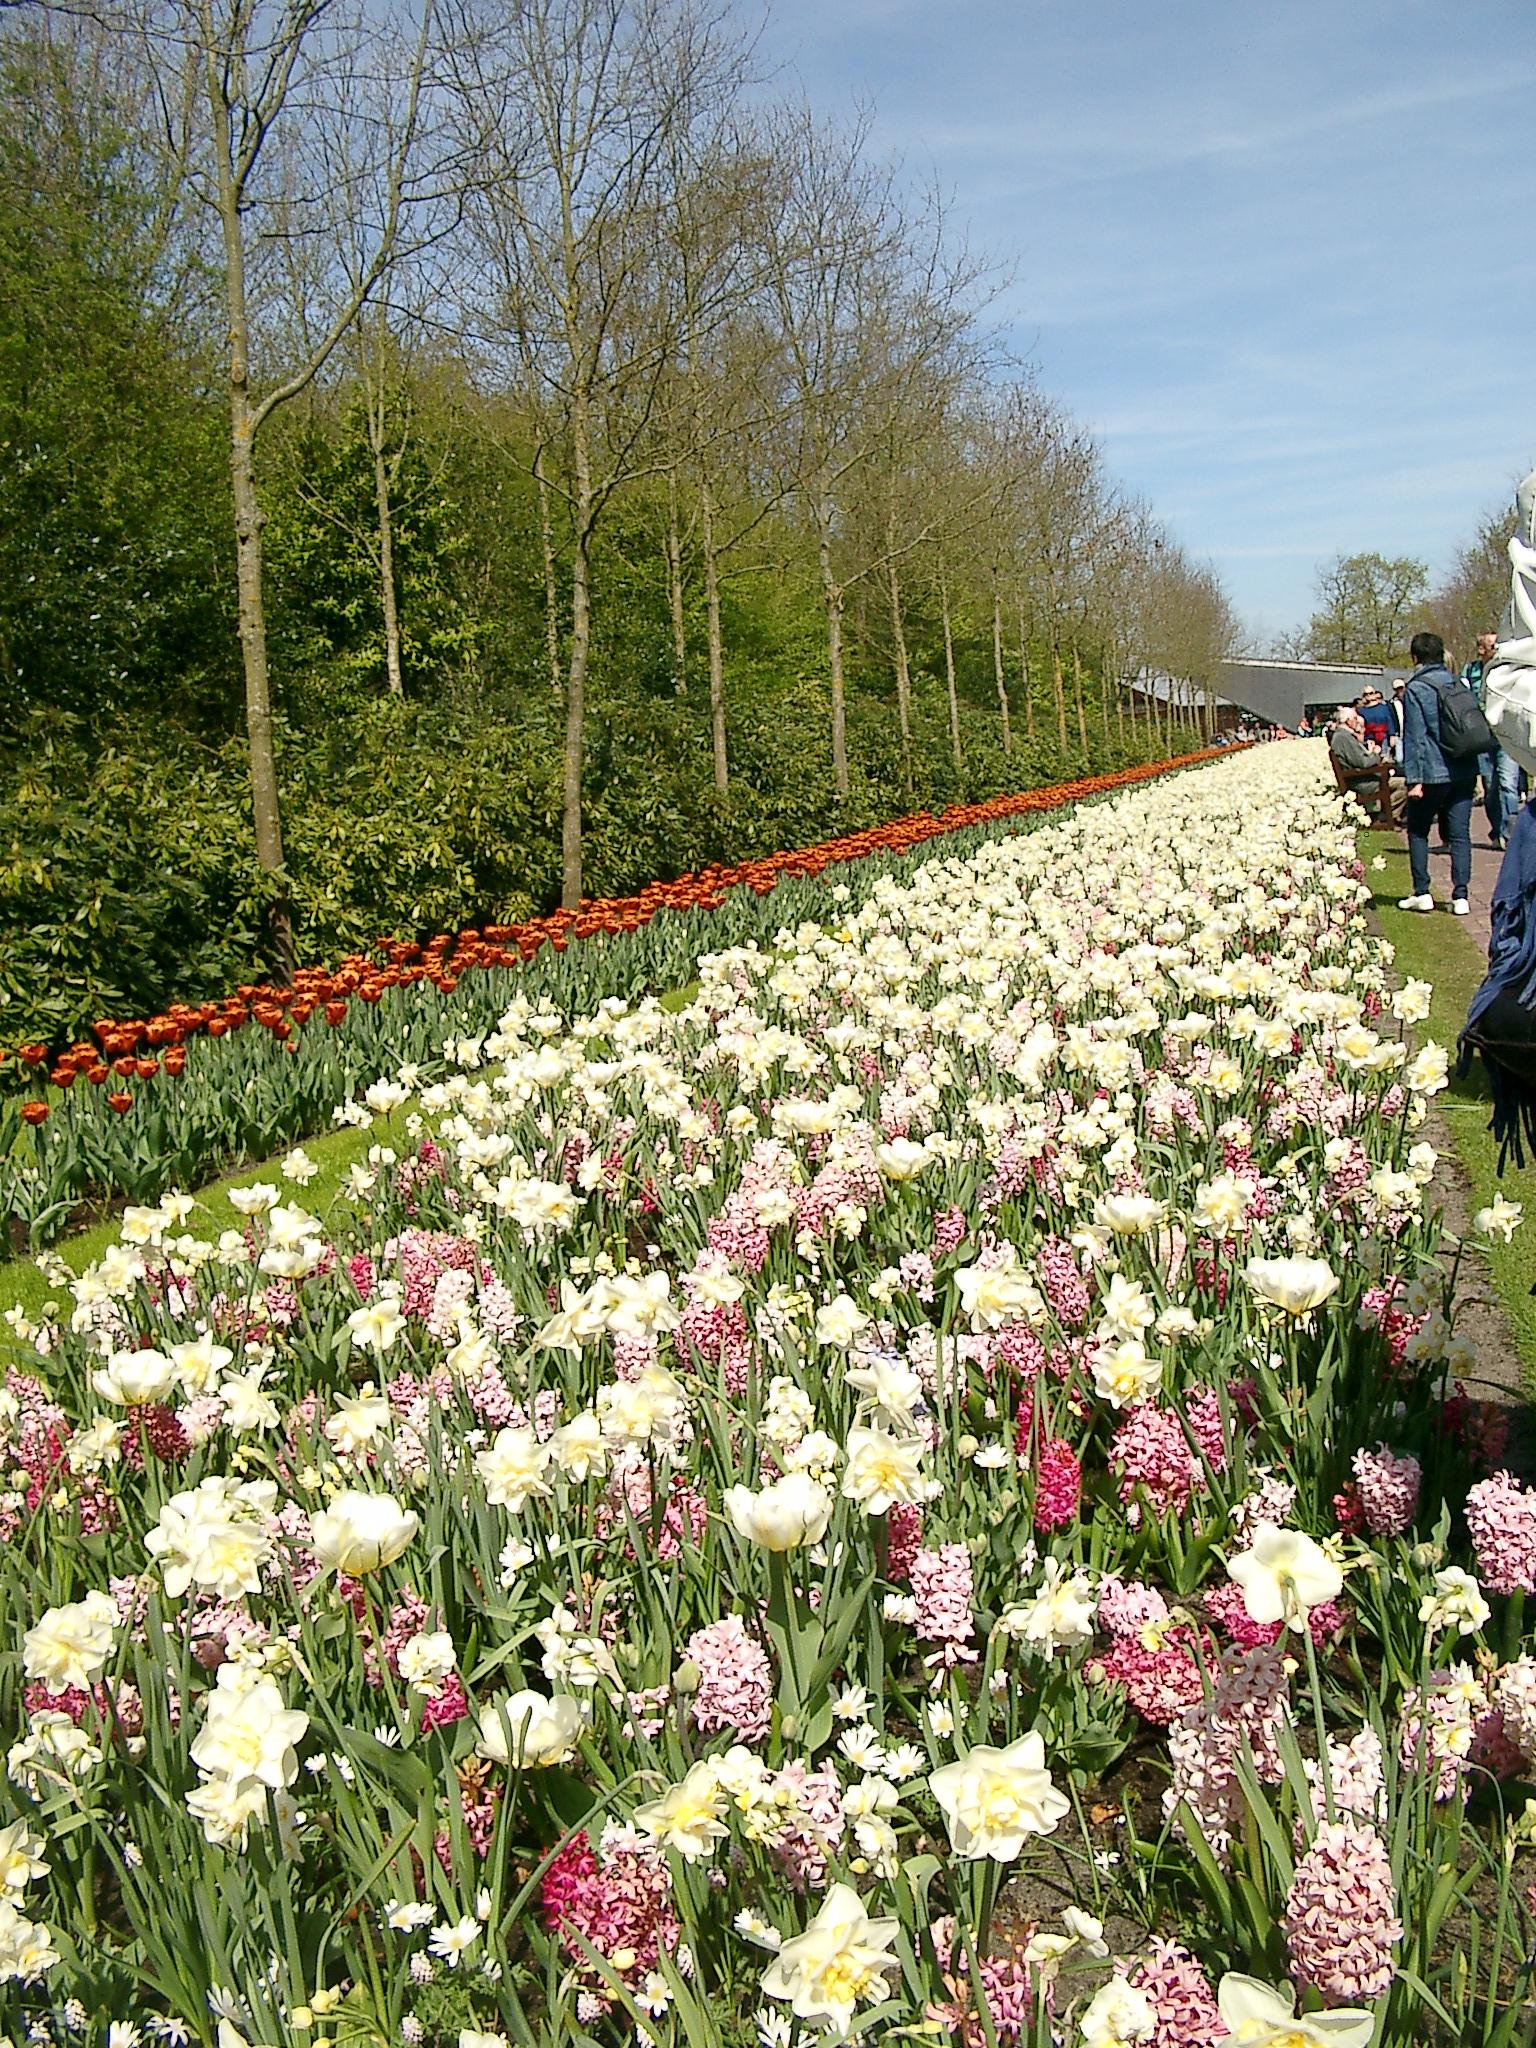 เห็นไหมคะ รูปนี้ ดอกไม้สุดลูกหูลูกตาไปเลย เดินยาวๆ ไปเลยค่ะ ดอกไม้ ดอกไม้ เต็มไปหมดเลย